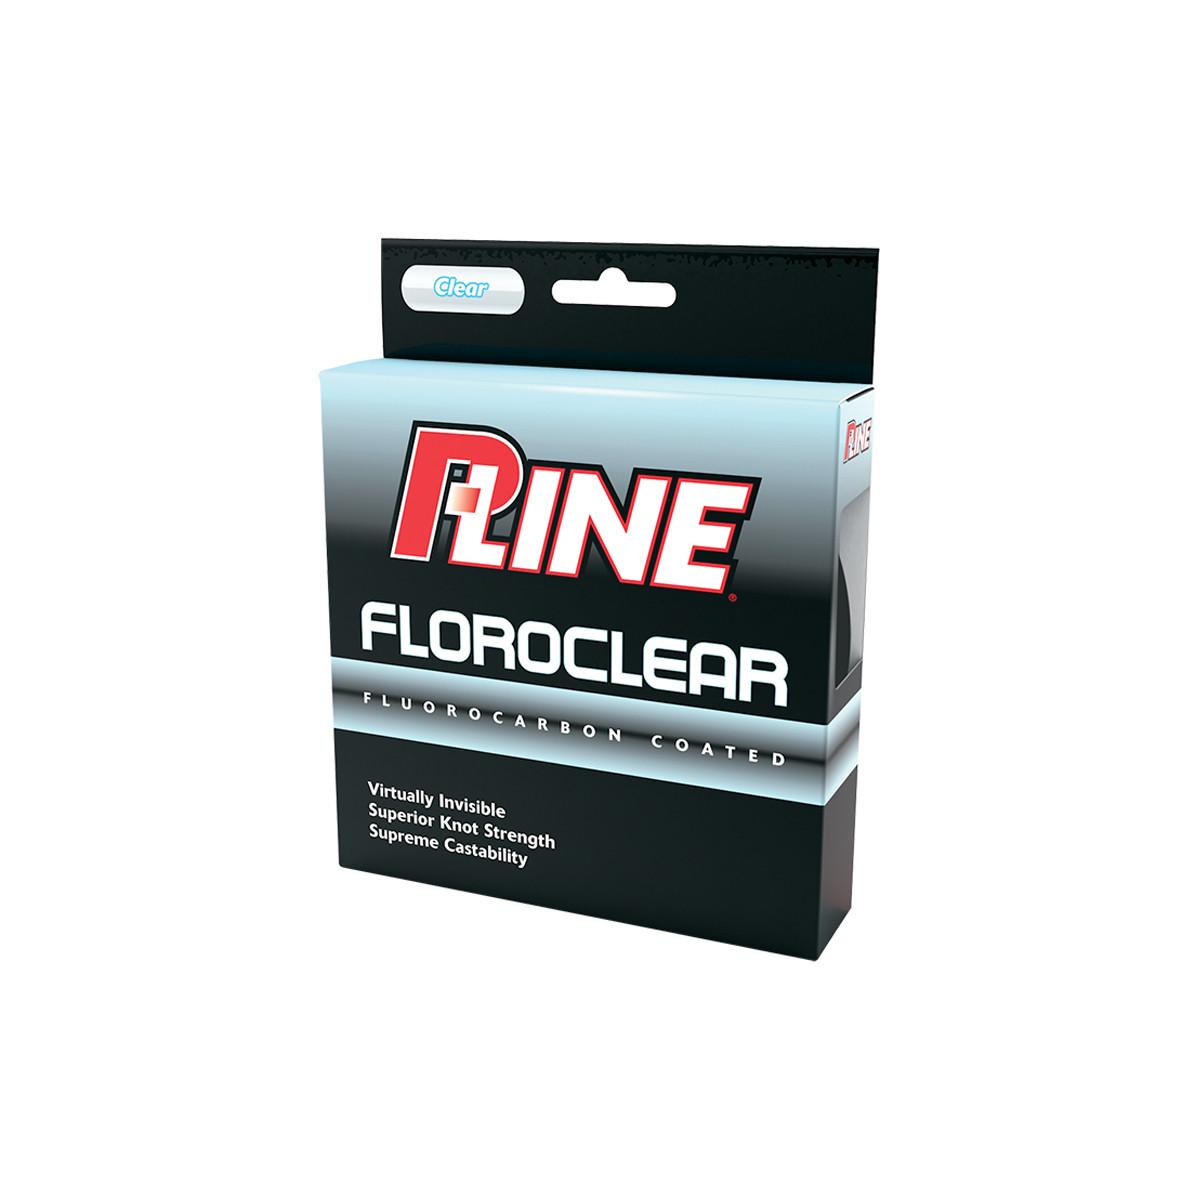 P-LINE FLOROCLEAR 270M